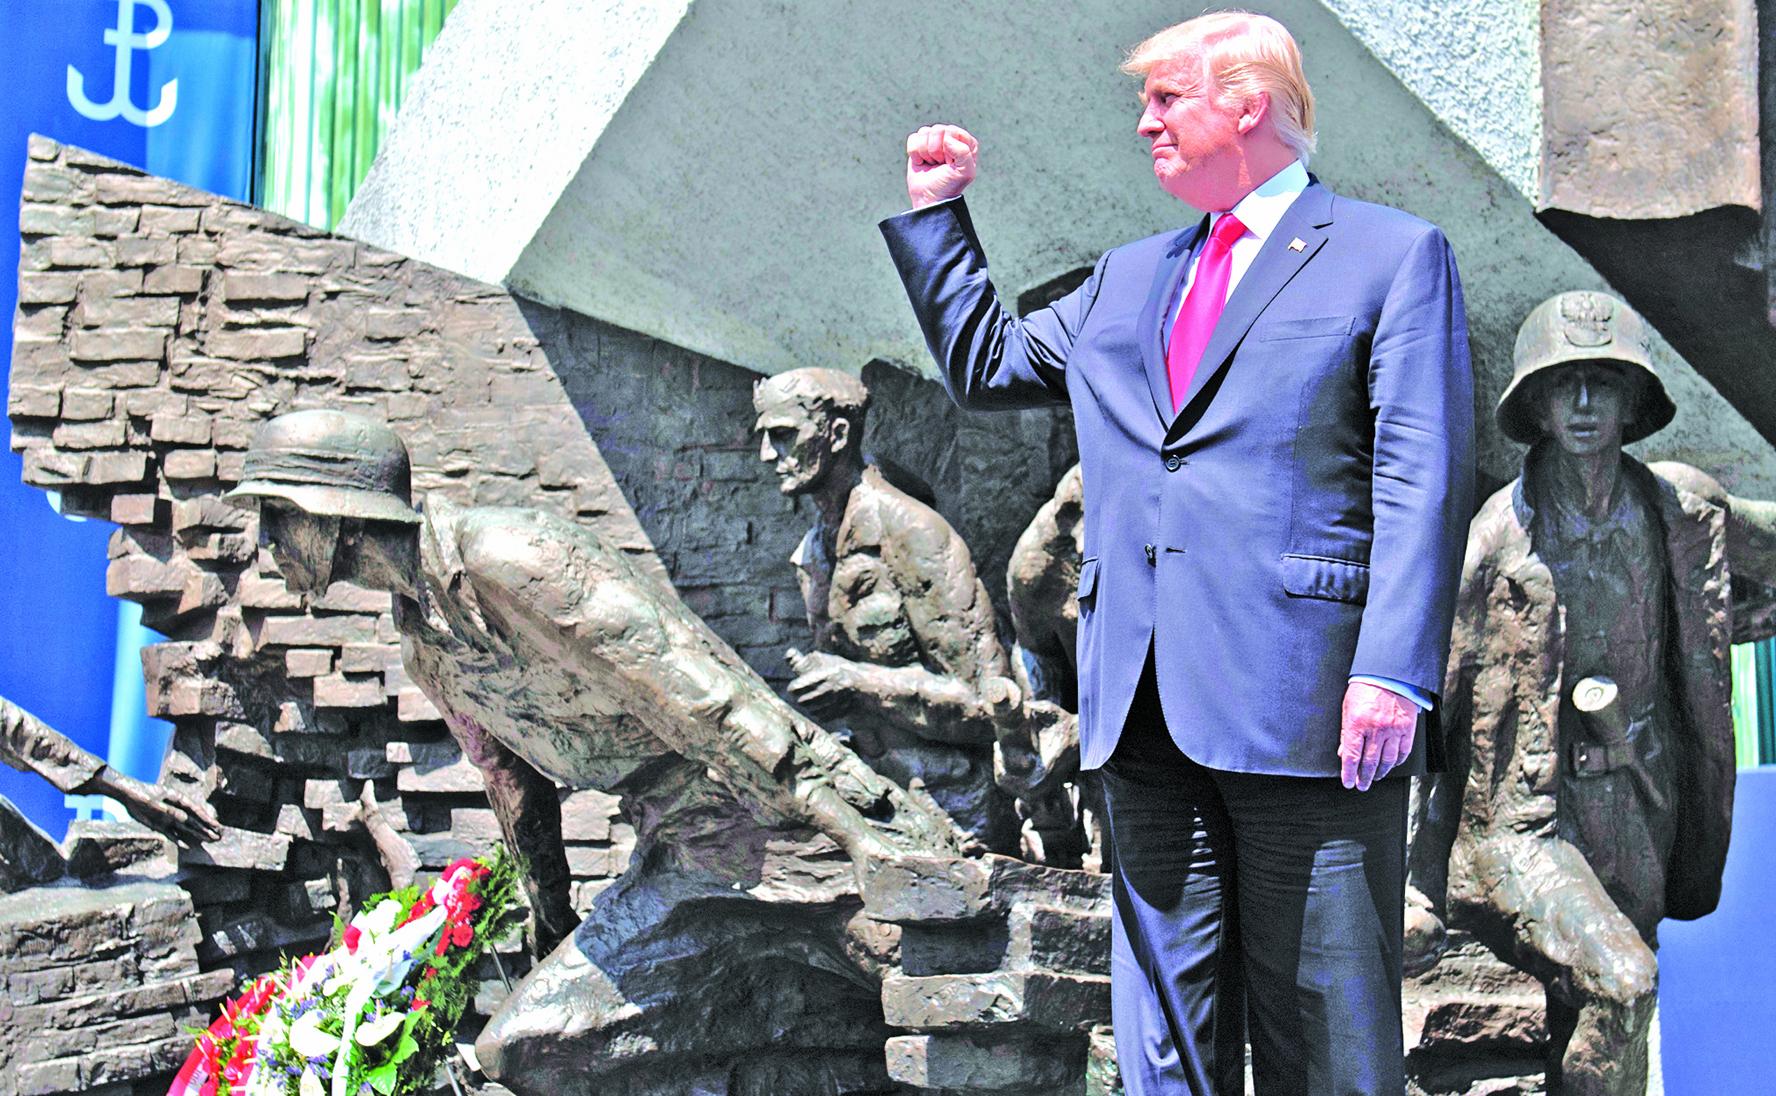 特朗普去年7月在波蘭華沙訪問。他在華沙的一個演講中表示,西方必須有對抗共產主義的決心。(AFP)